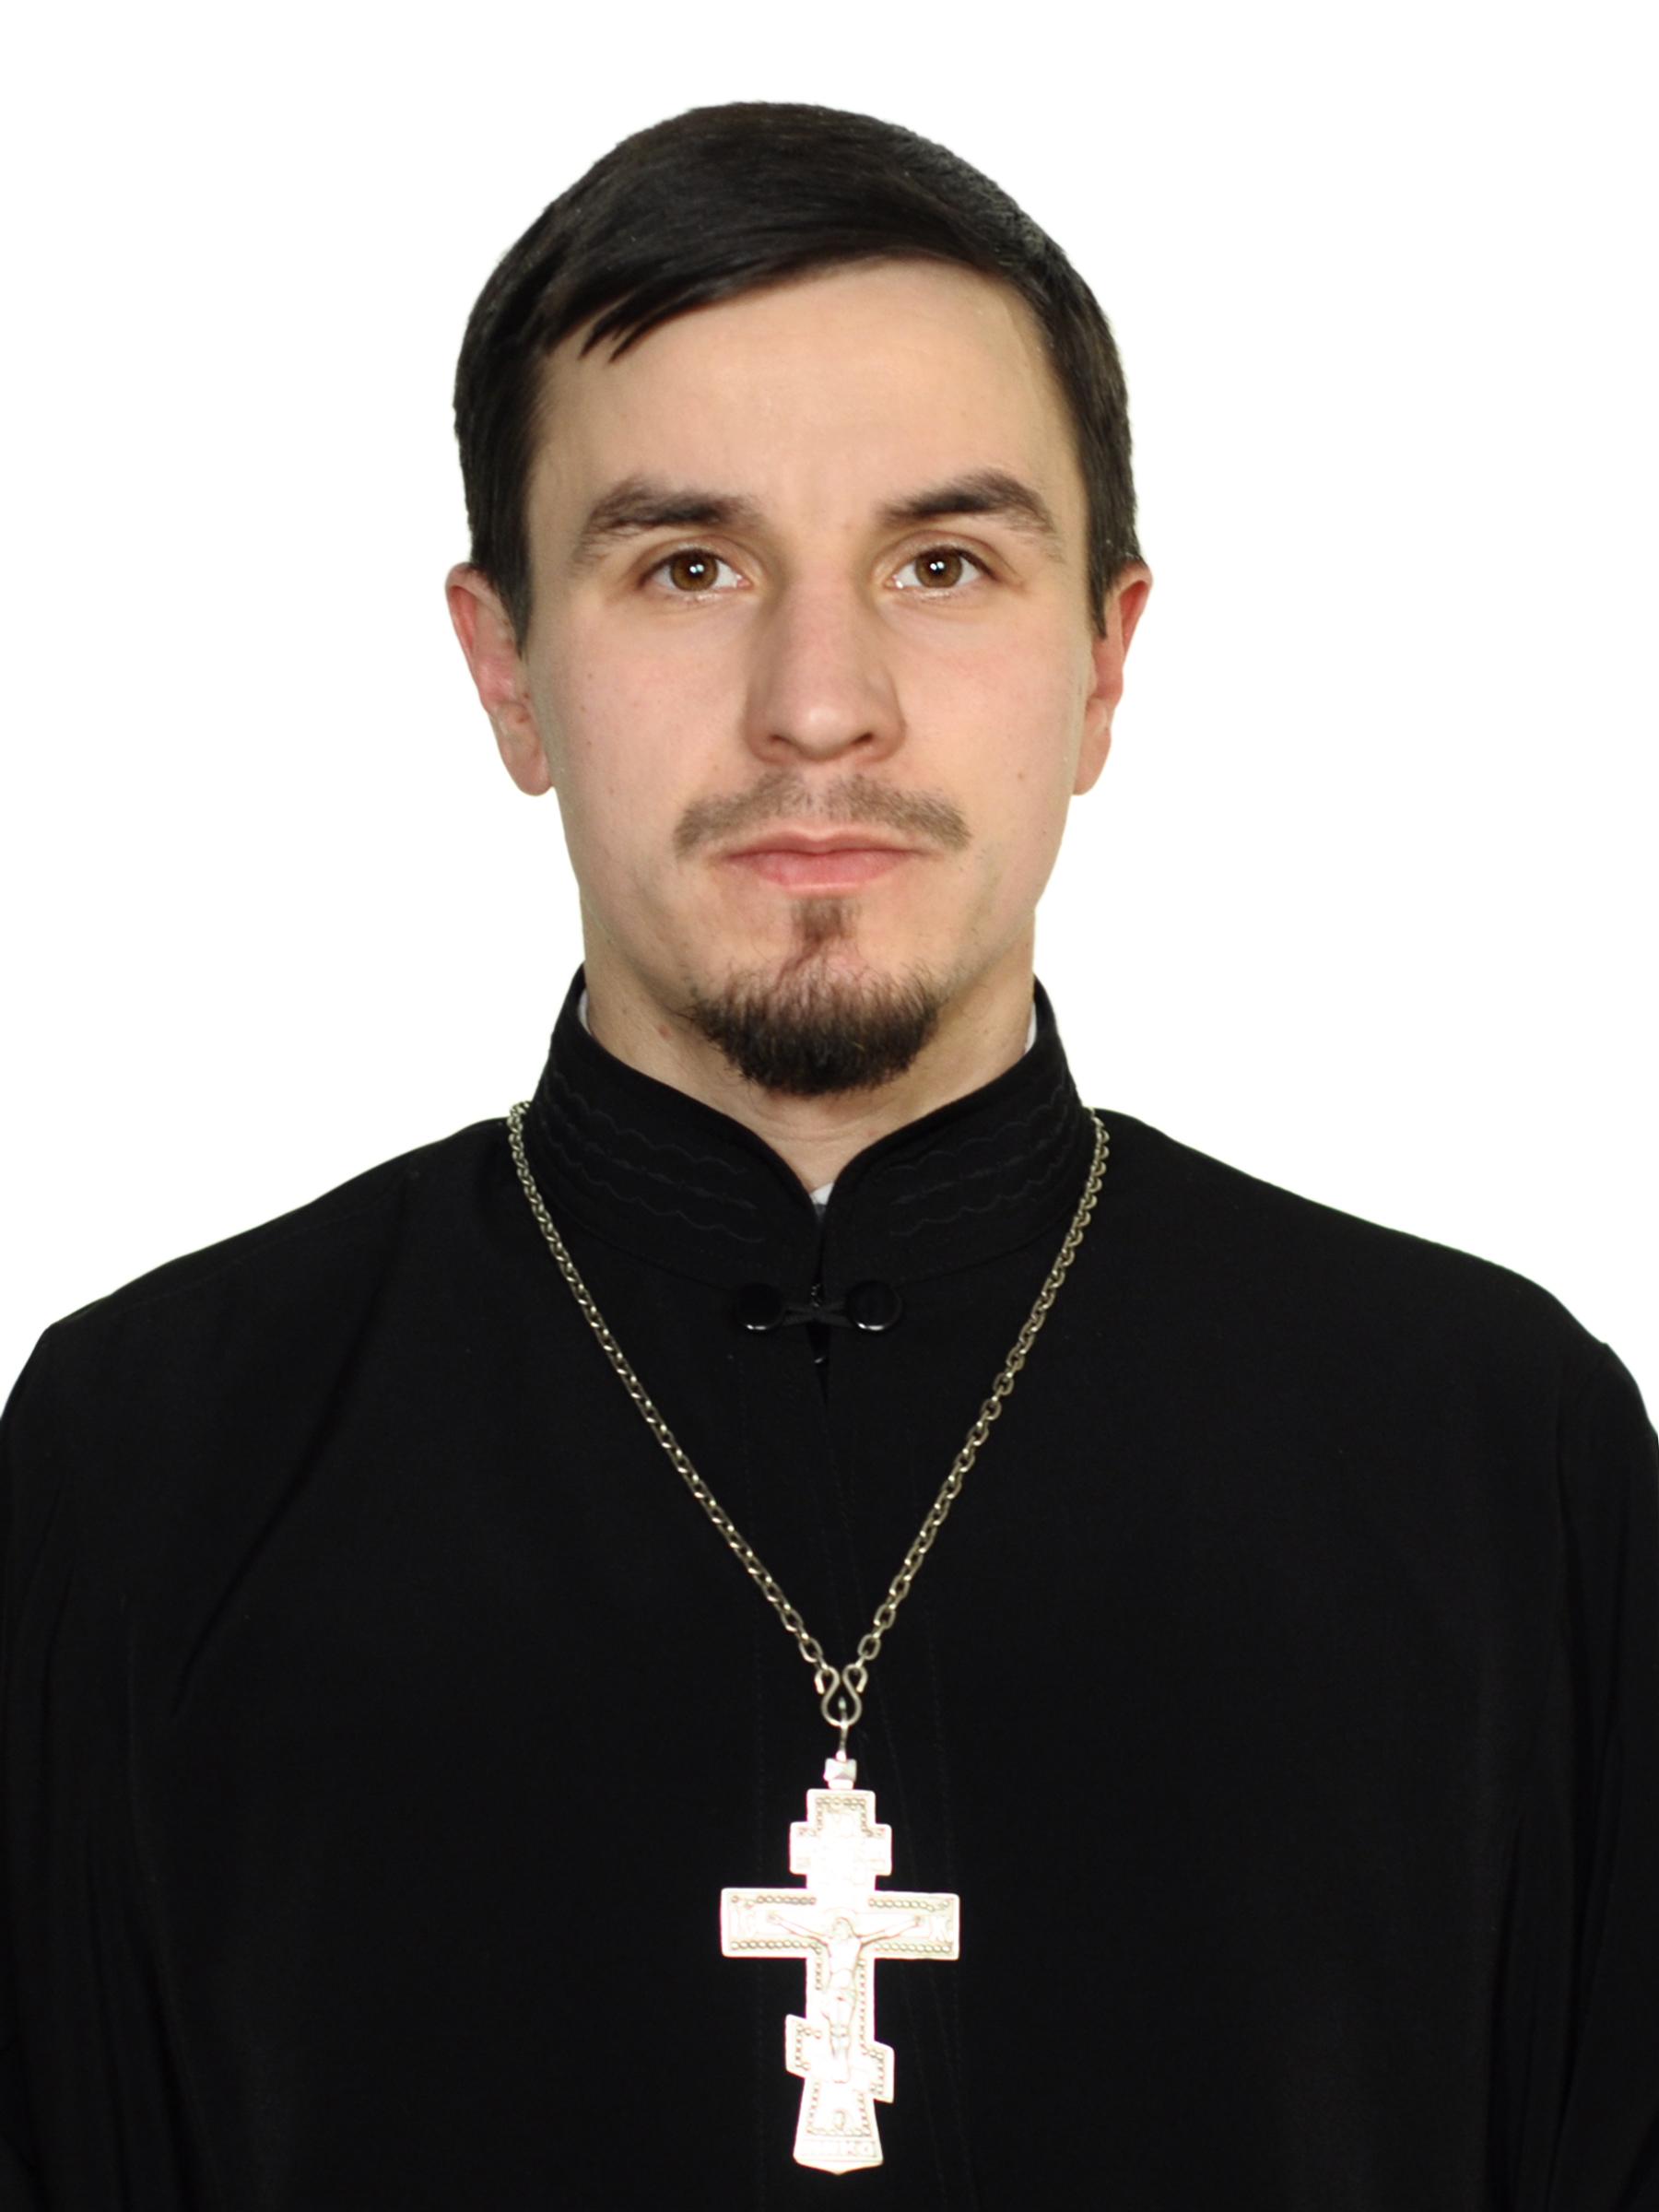 Cвященник Алексей Андреевич Аборкин